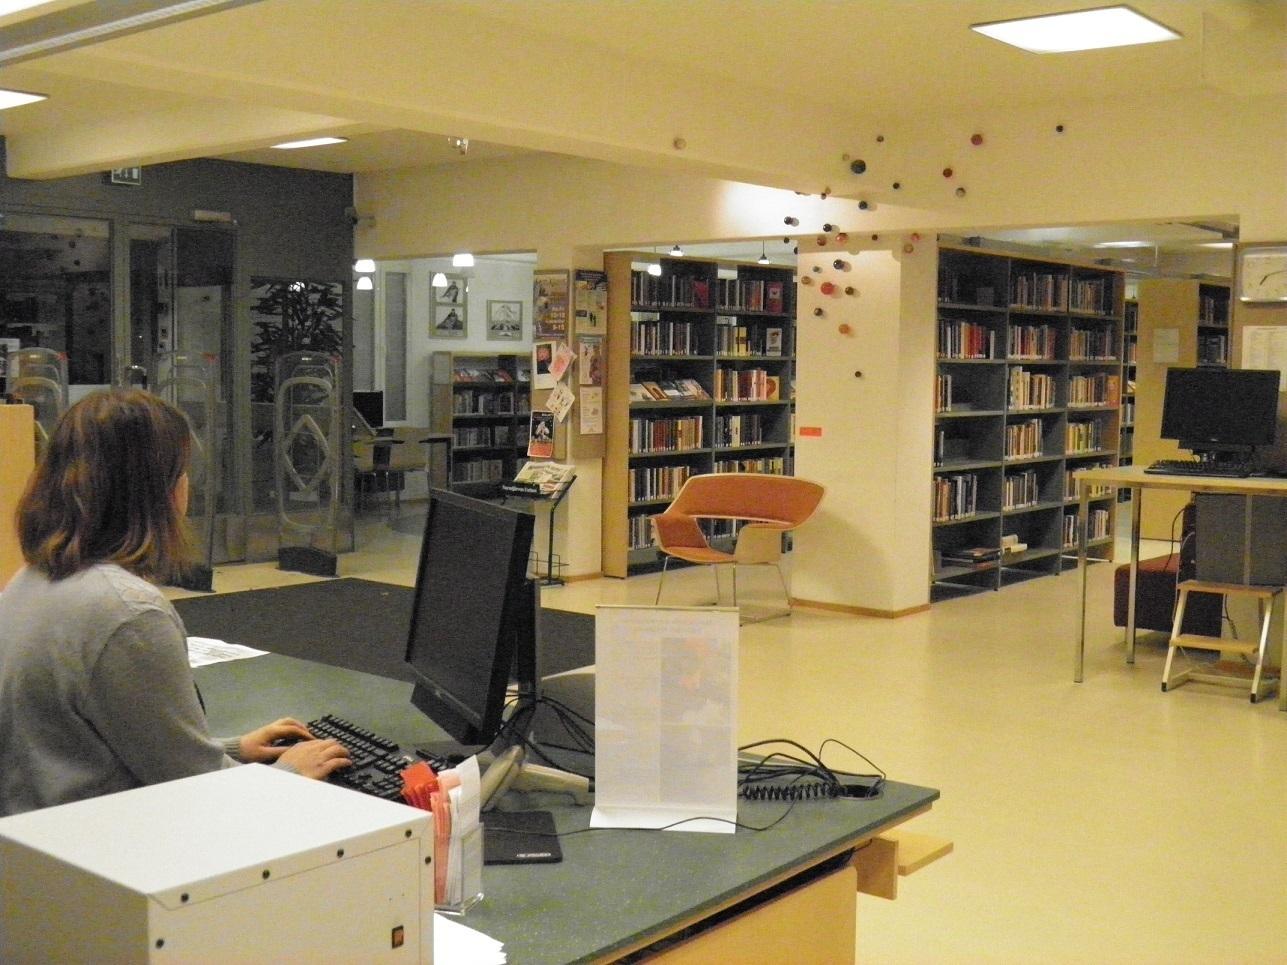 Rajamäen kirjasto